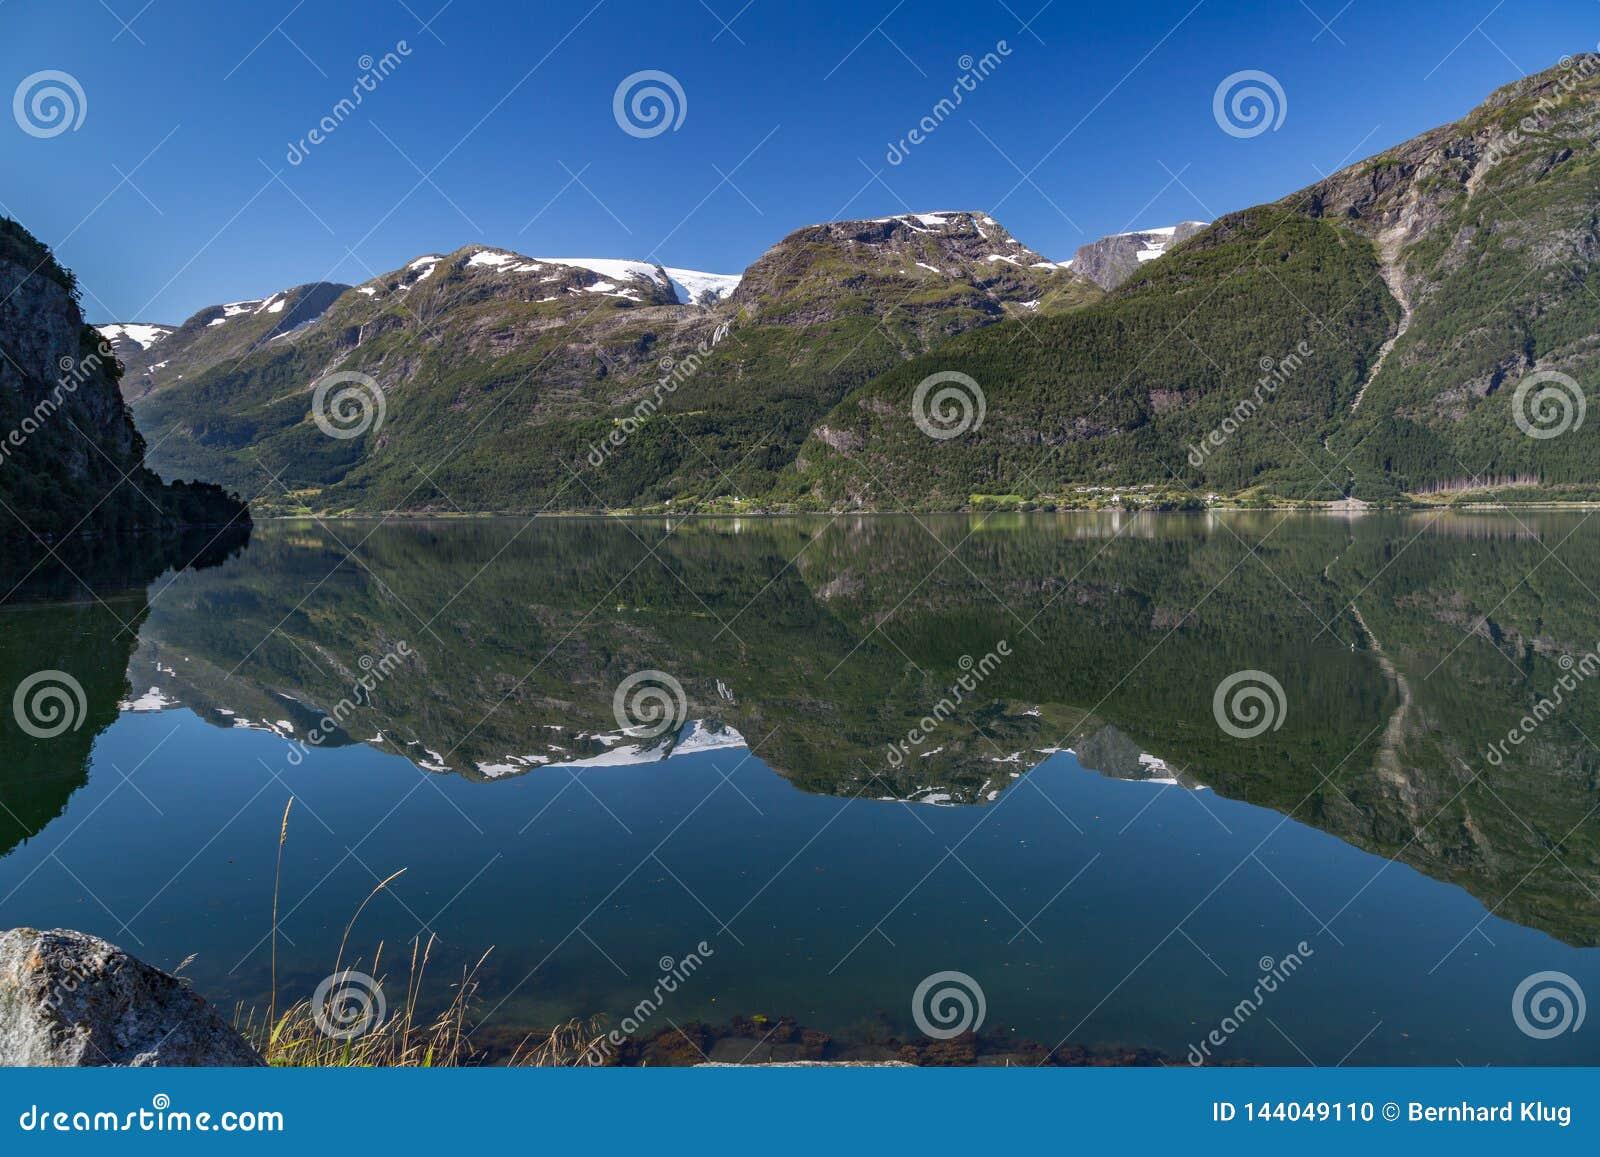 Folgefonnagletsjers en Hardangerfjord